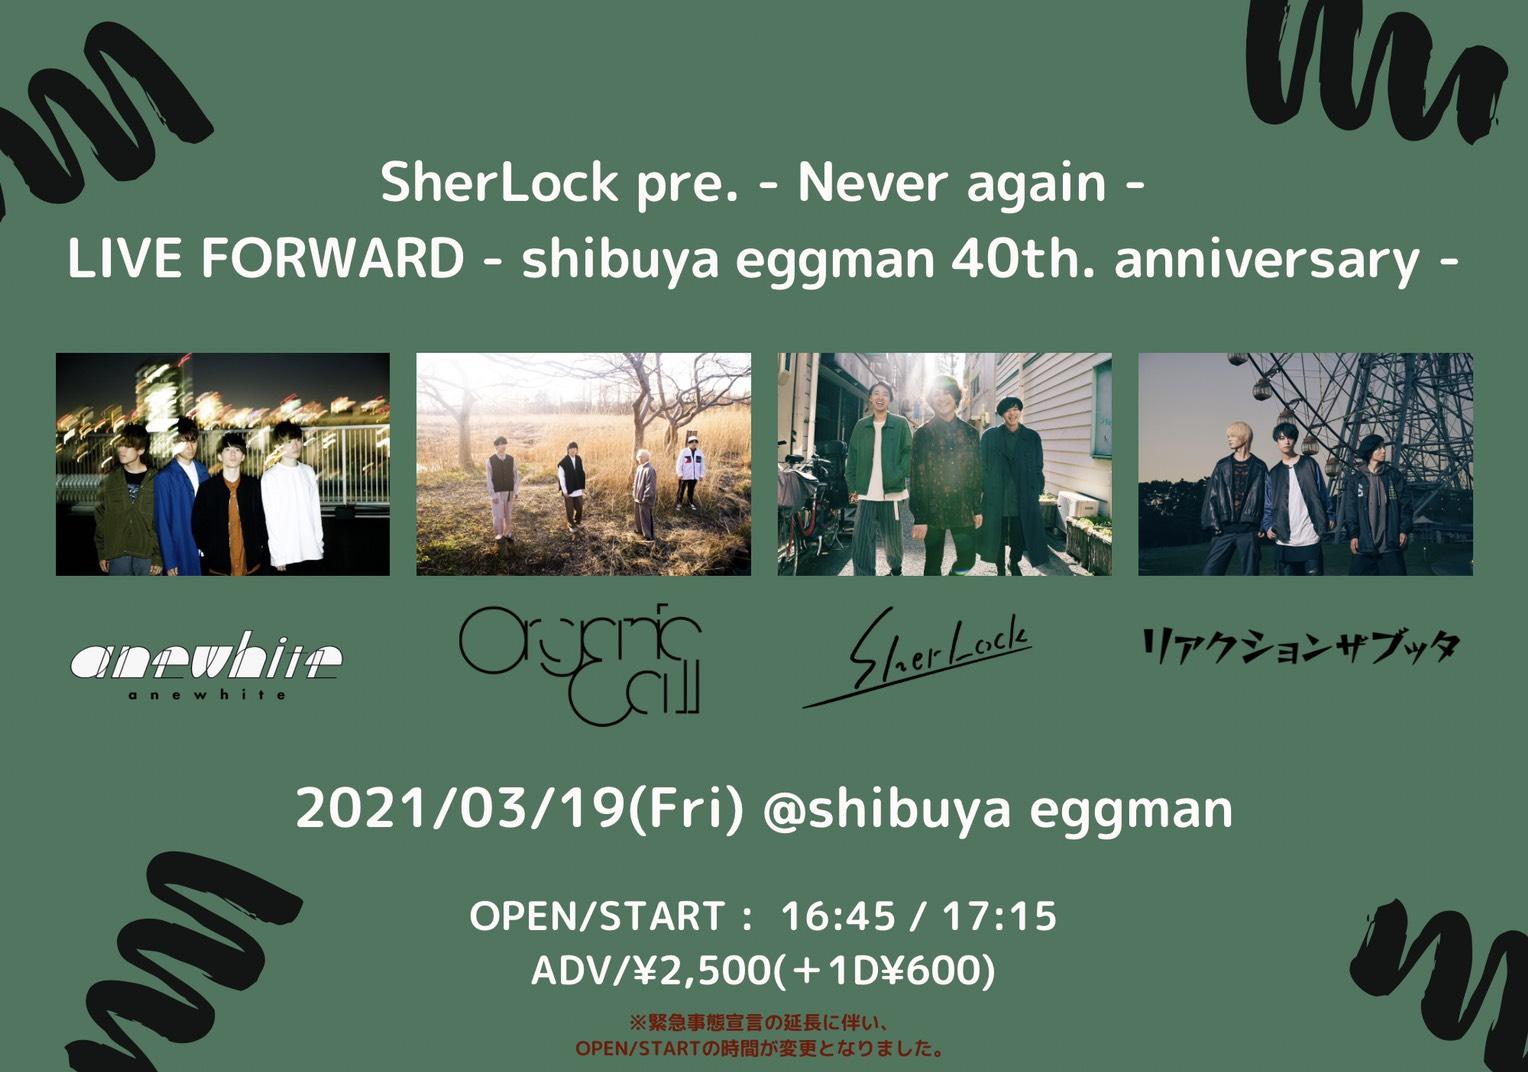 LIVE FORWARD – shibuya eggman 40th. anniversary – SherLock pre. 「Never again」